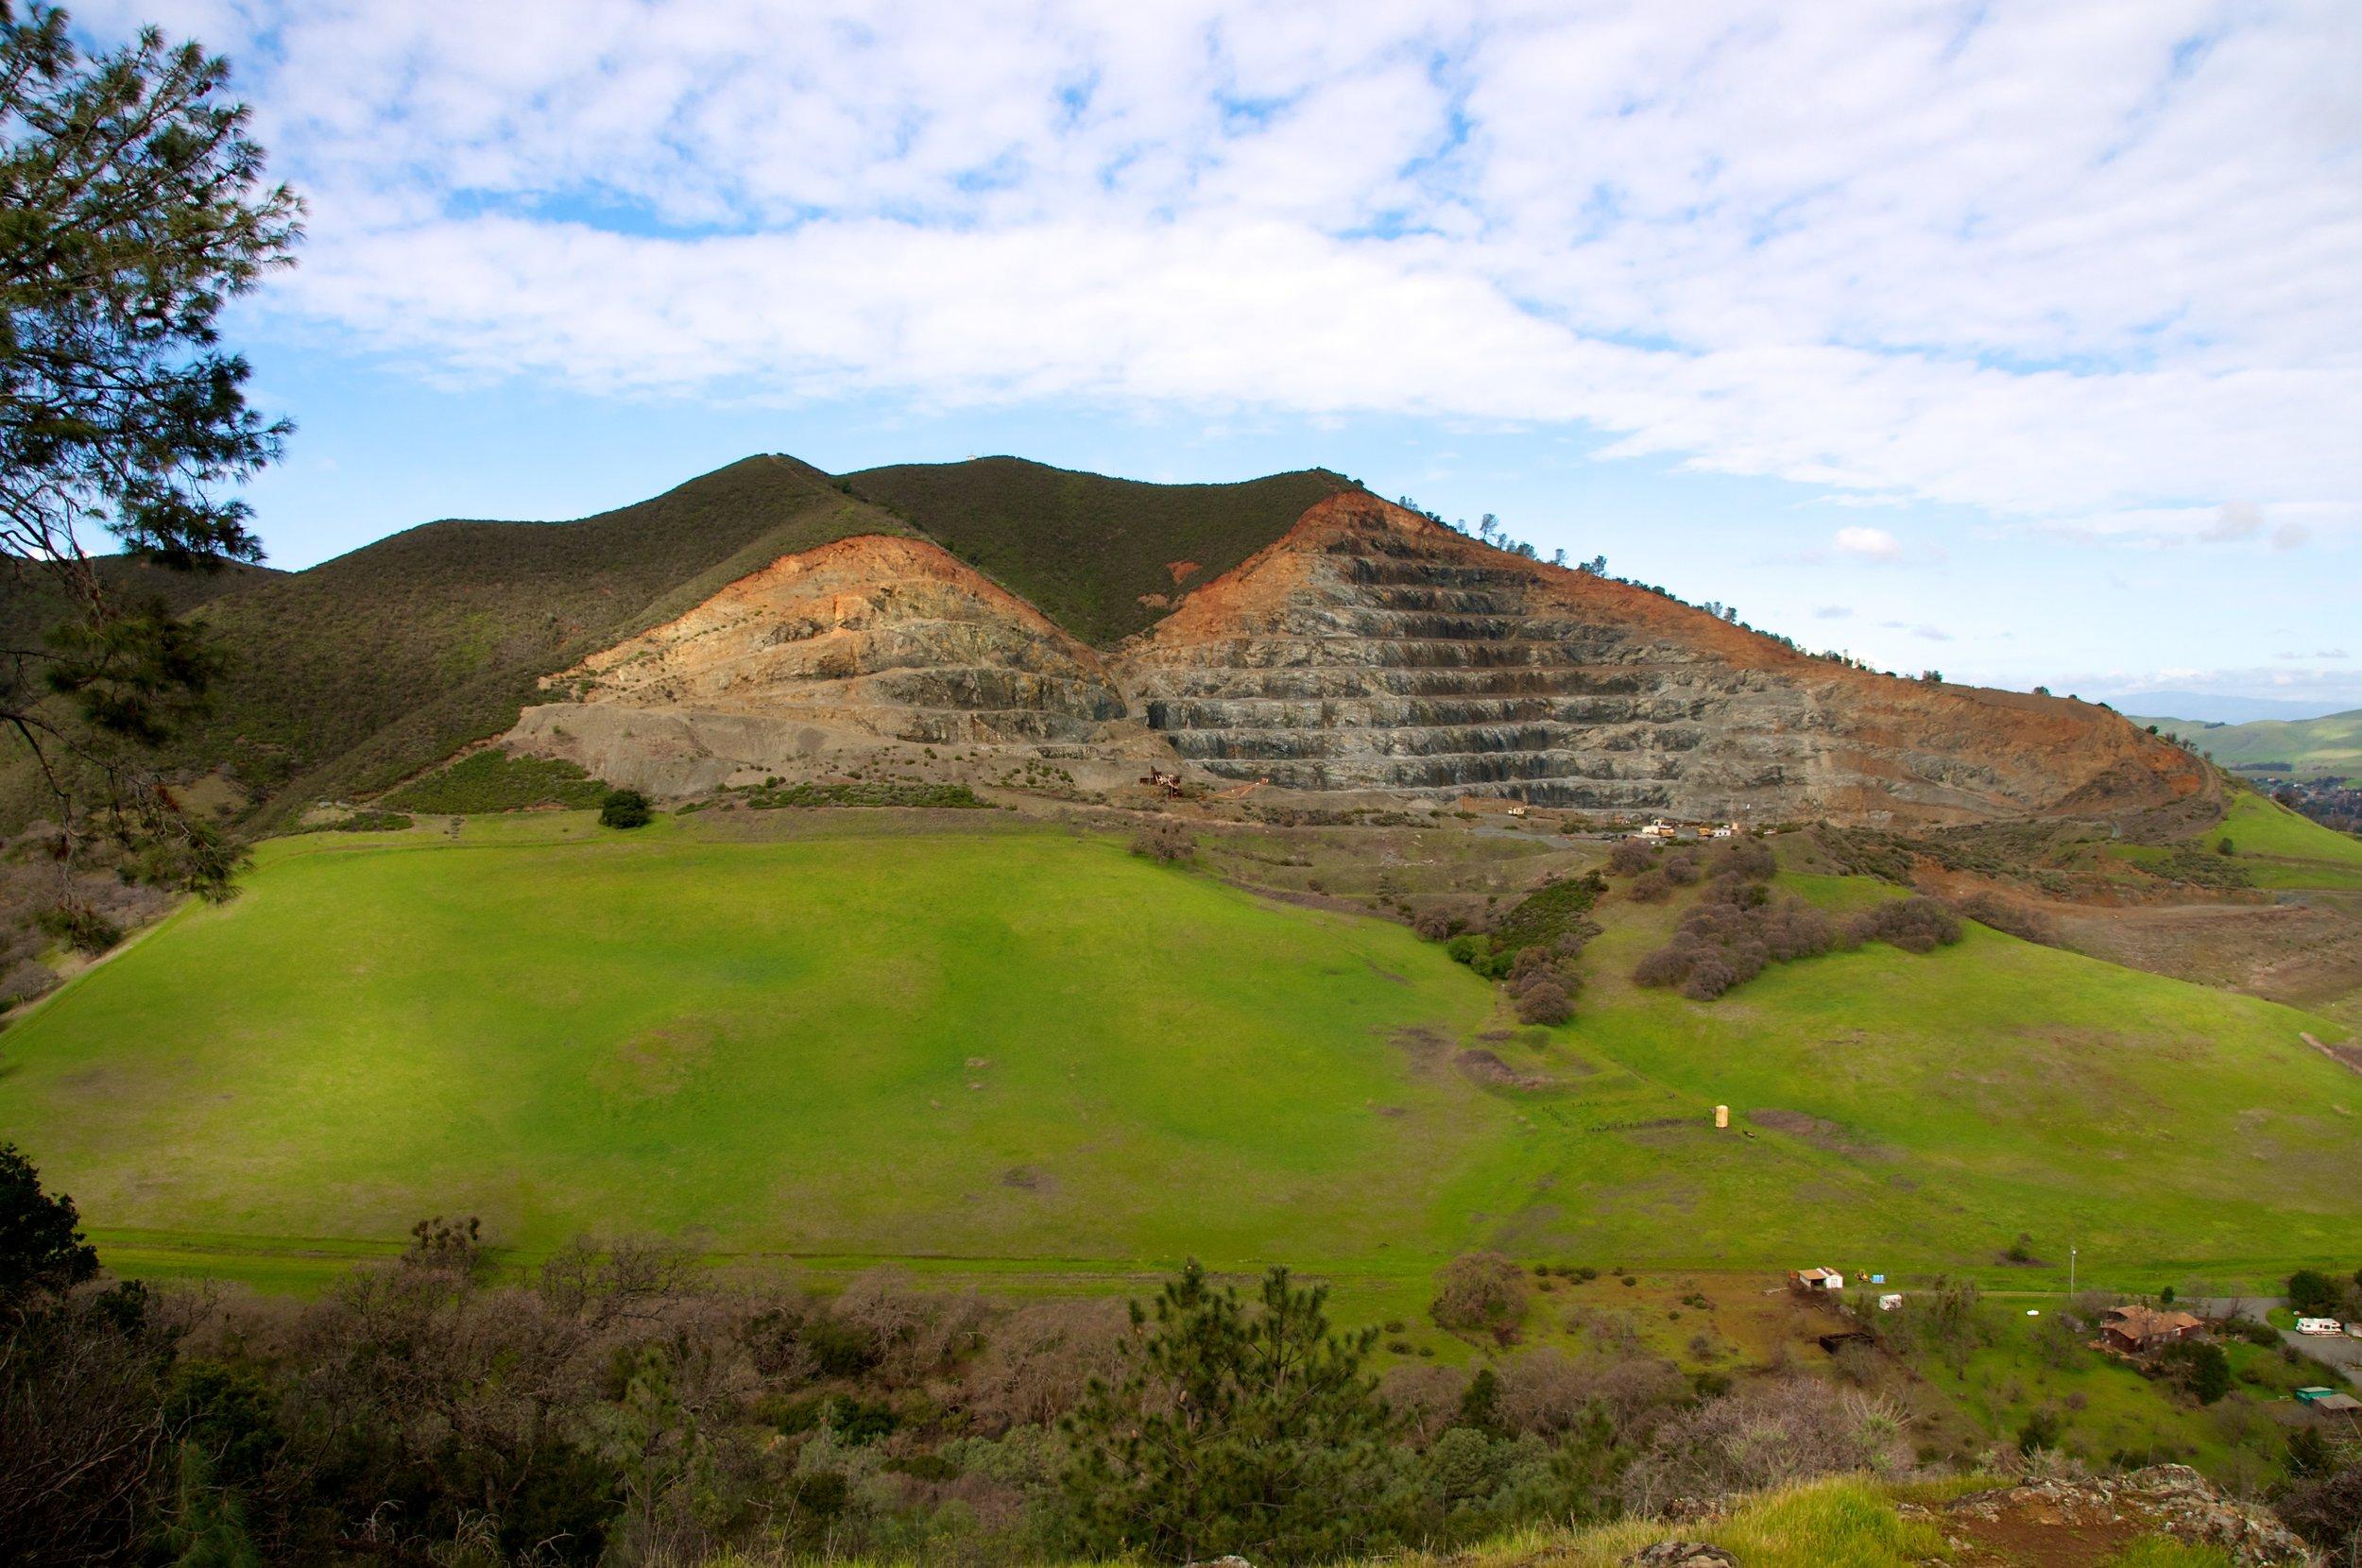 Mt. Diablo Hike 2_12_2011 - 2011-02-21 at 10-49-35.jpg